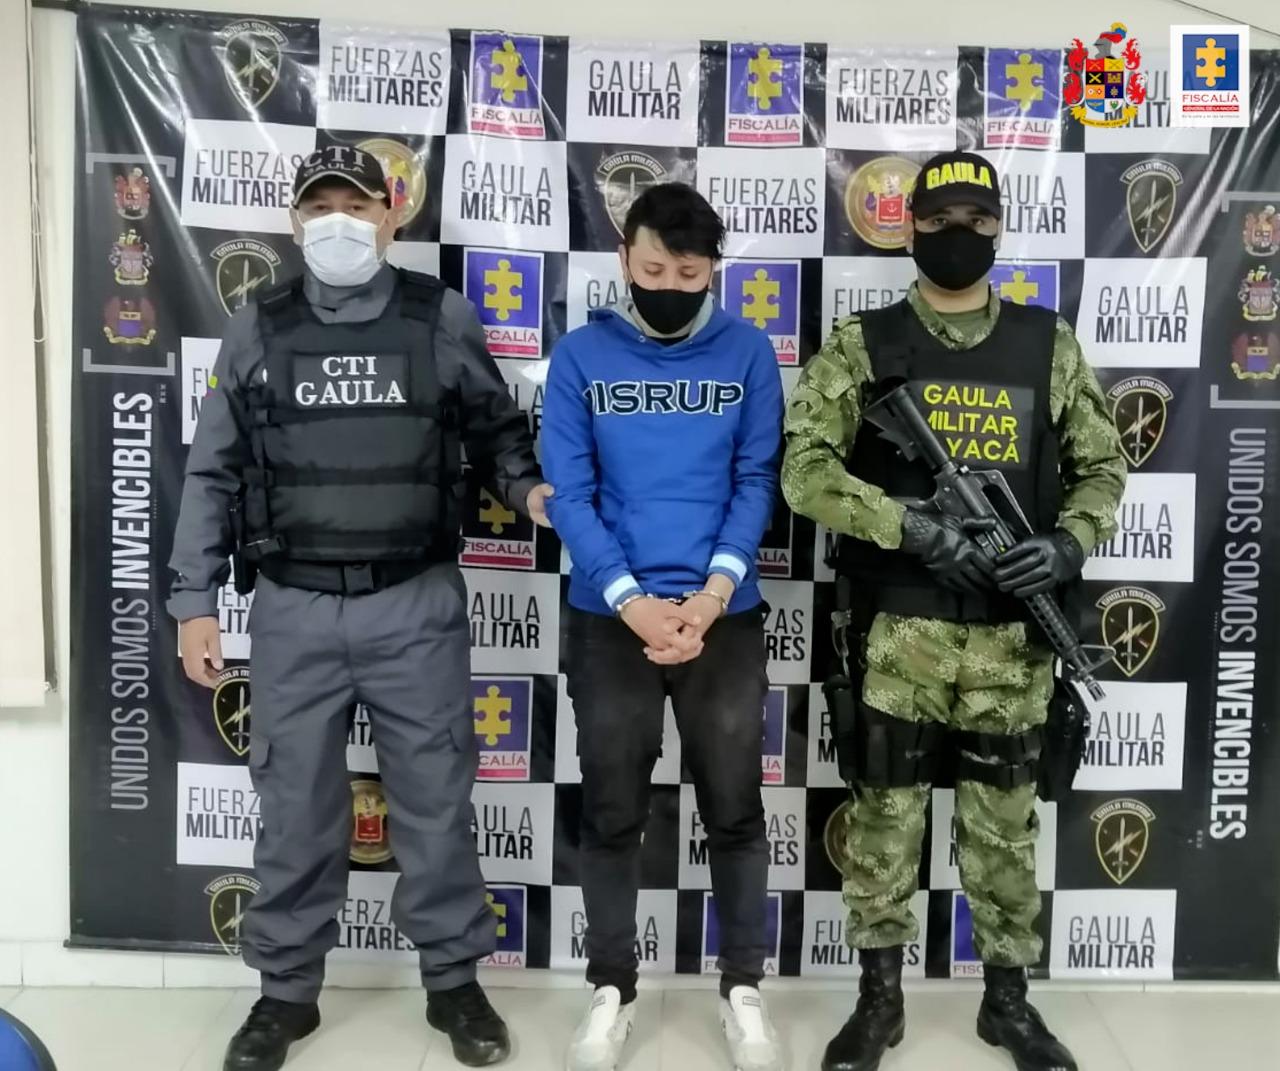 Judicializado un hombre que, al parecer, extorsionaba a su excompañera sentimental para no publicar videos íntimos - Noticias de Colombia